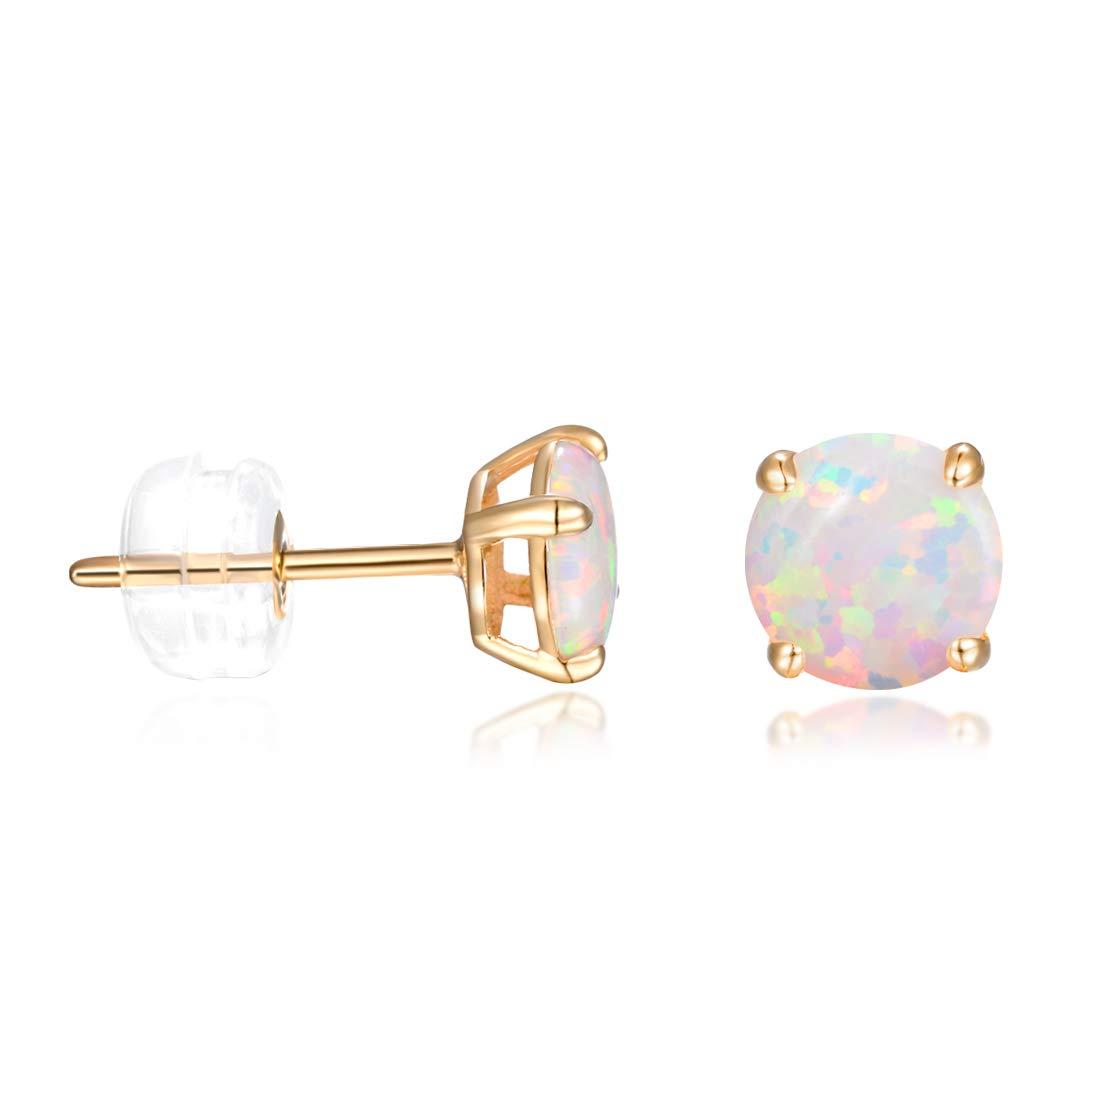 14K Gold Earrings Studs for Women 6mm White Fire Opal Earring Hypoallergenic Jewelry Gifts